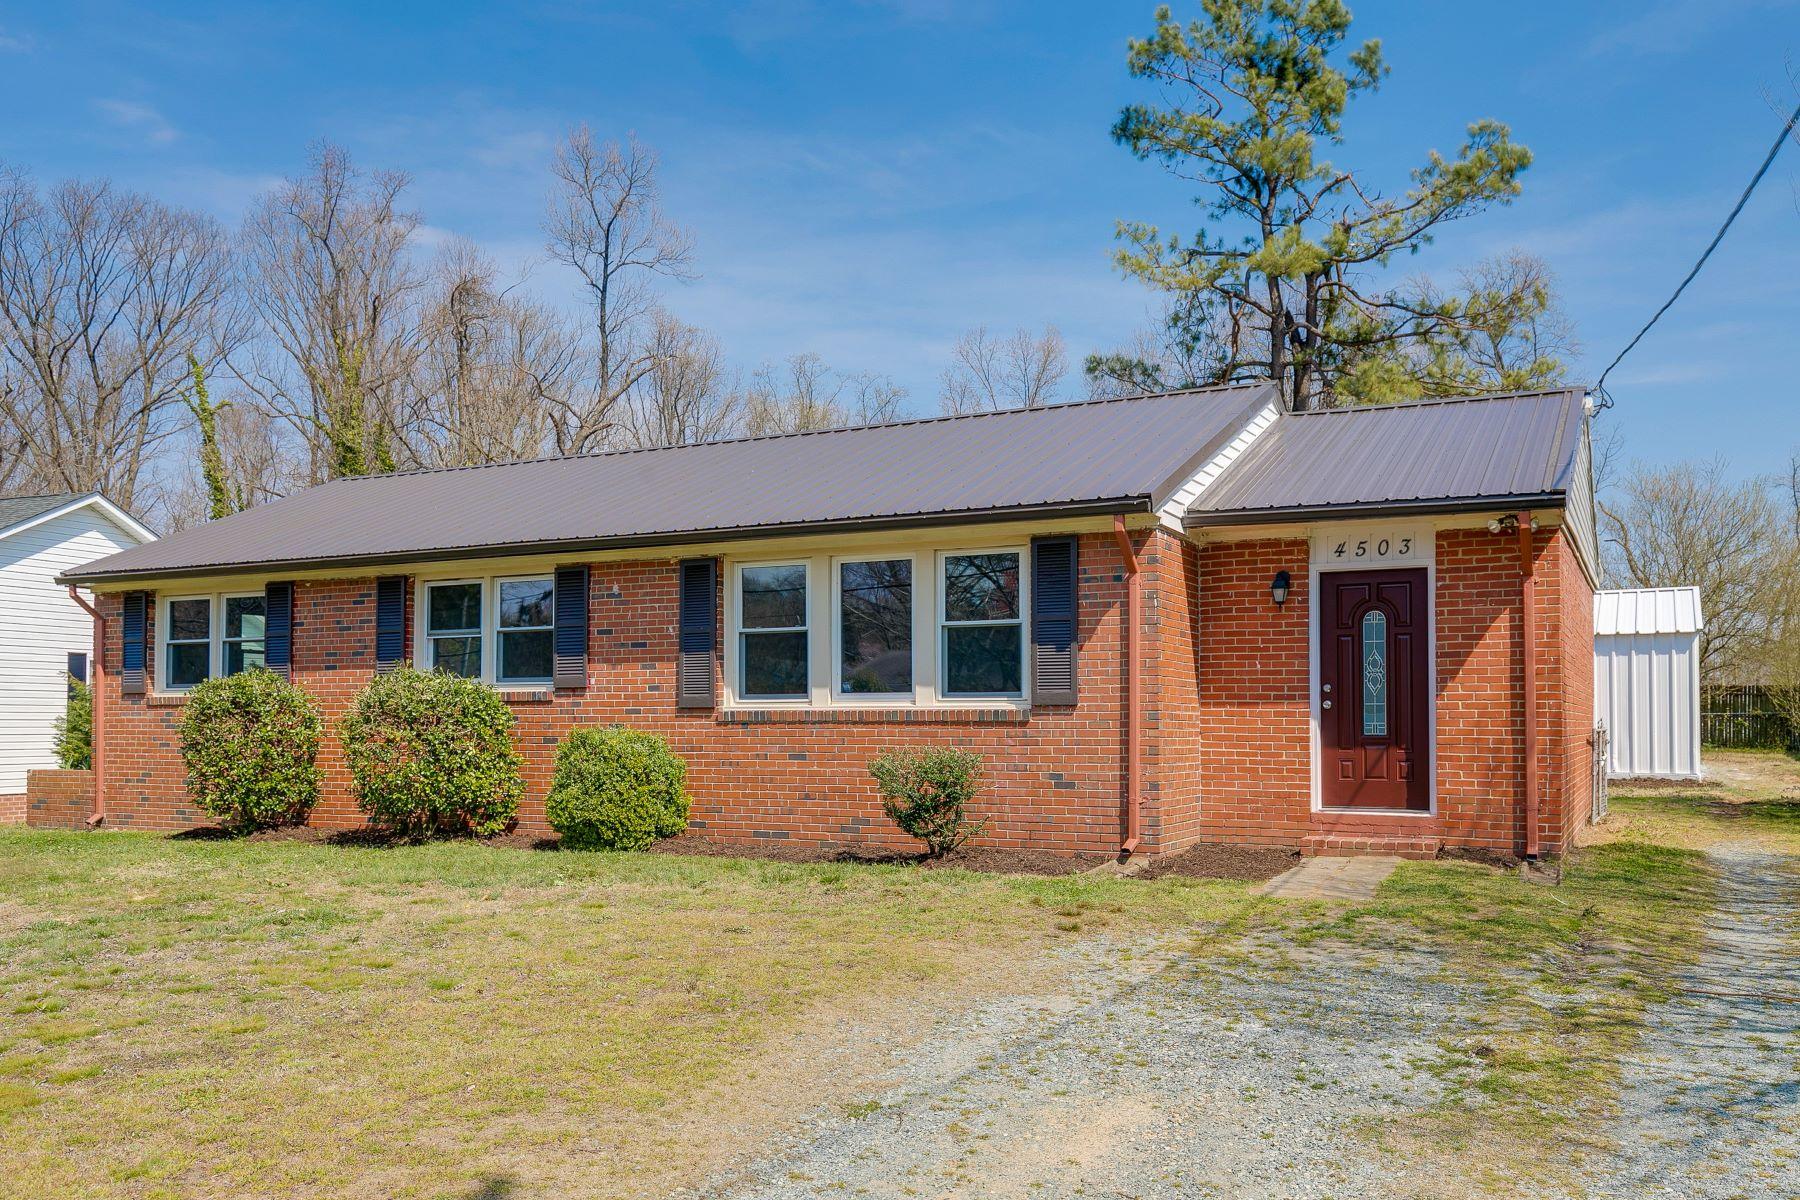 Vivienda unifamiliar por un Venta en 4503 Carpenter Road, Richmond 4503 Carpenter Rd Richmond, Virginia, 23222 Estados Unidos